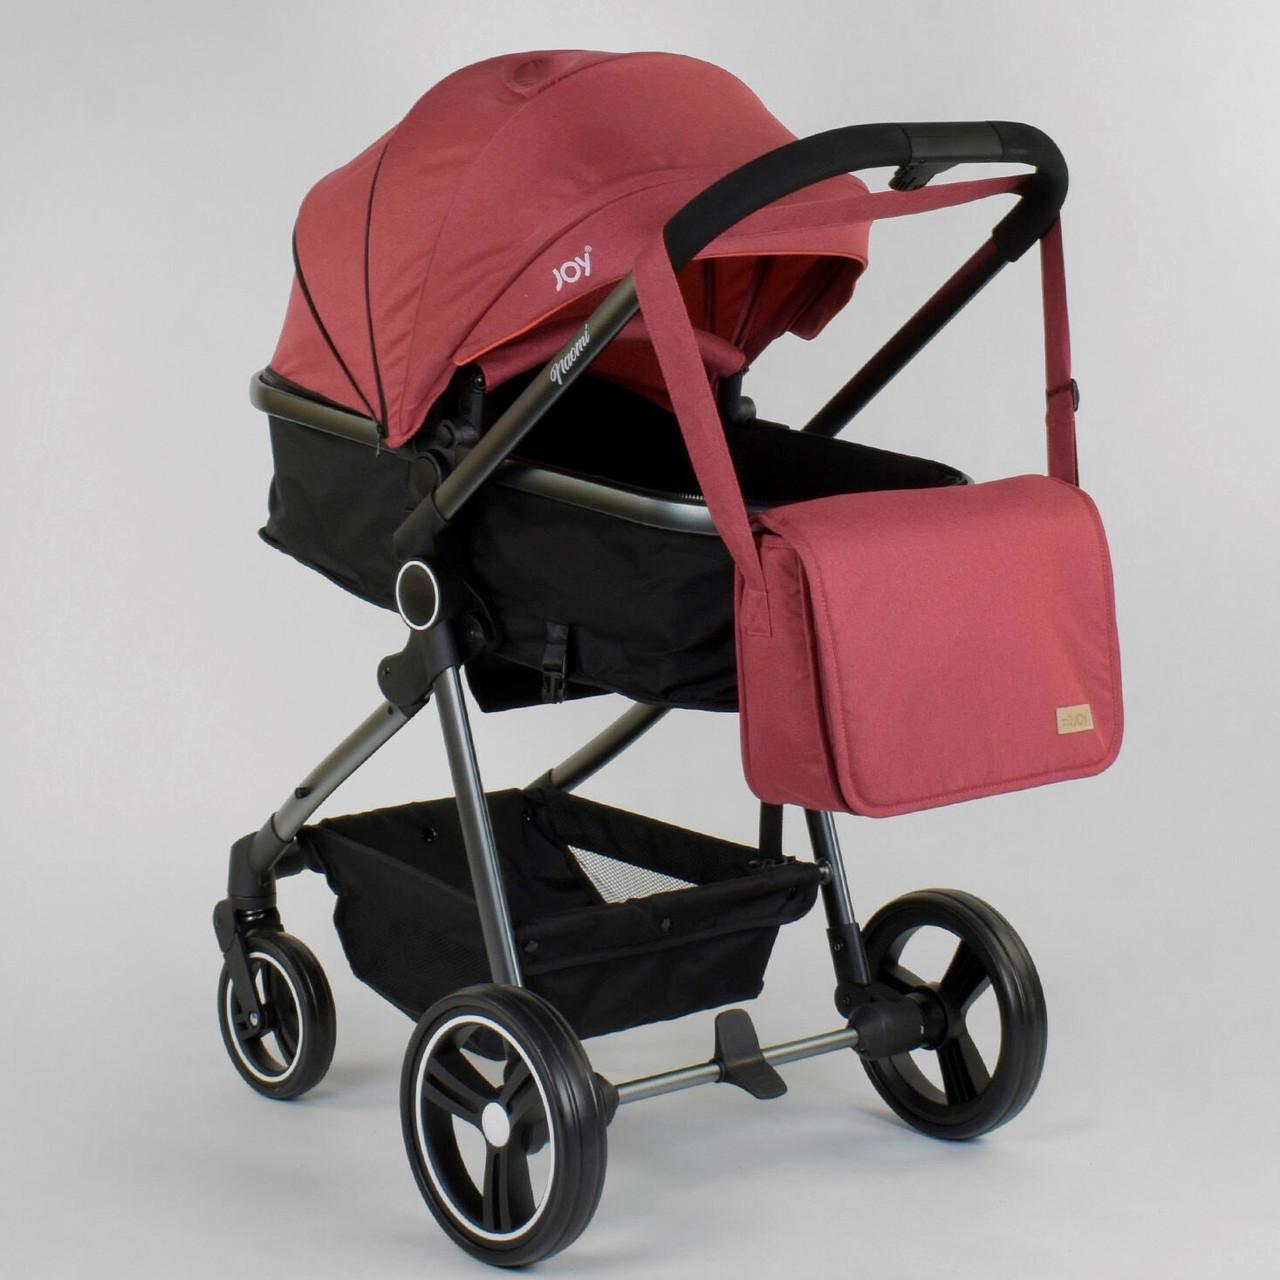 """Коляска дитяча трансформер """"JOY"""" Naomi 80793 (1) універсальна 2 в 1 Гарантія якості Швидка доставка"""